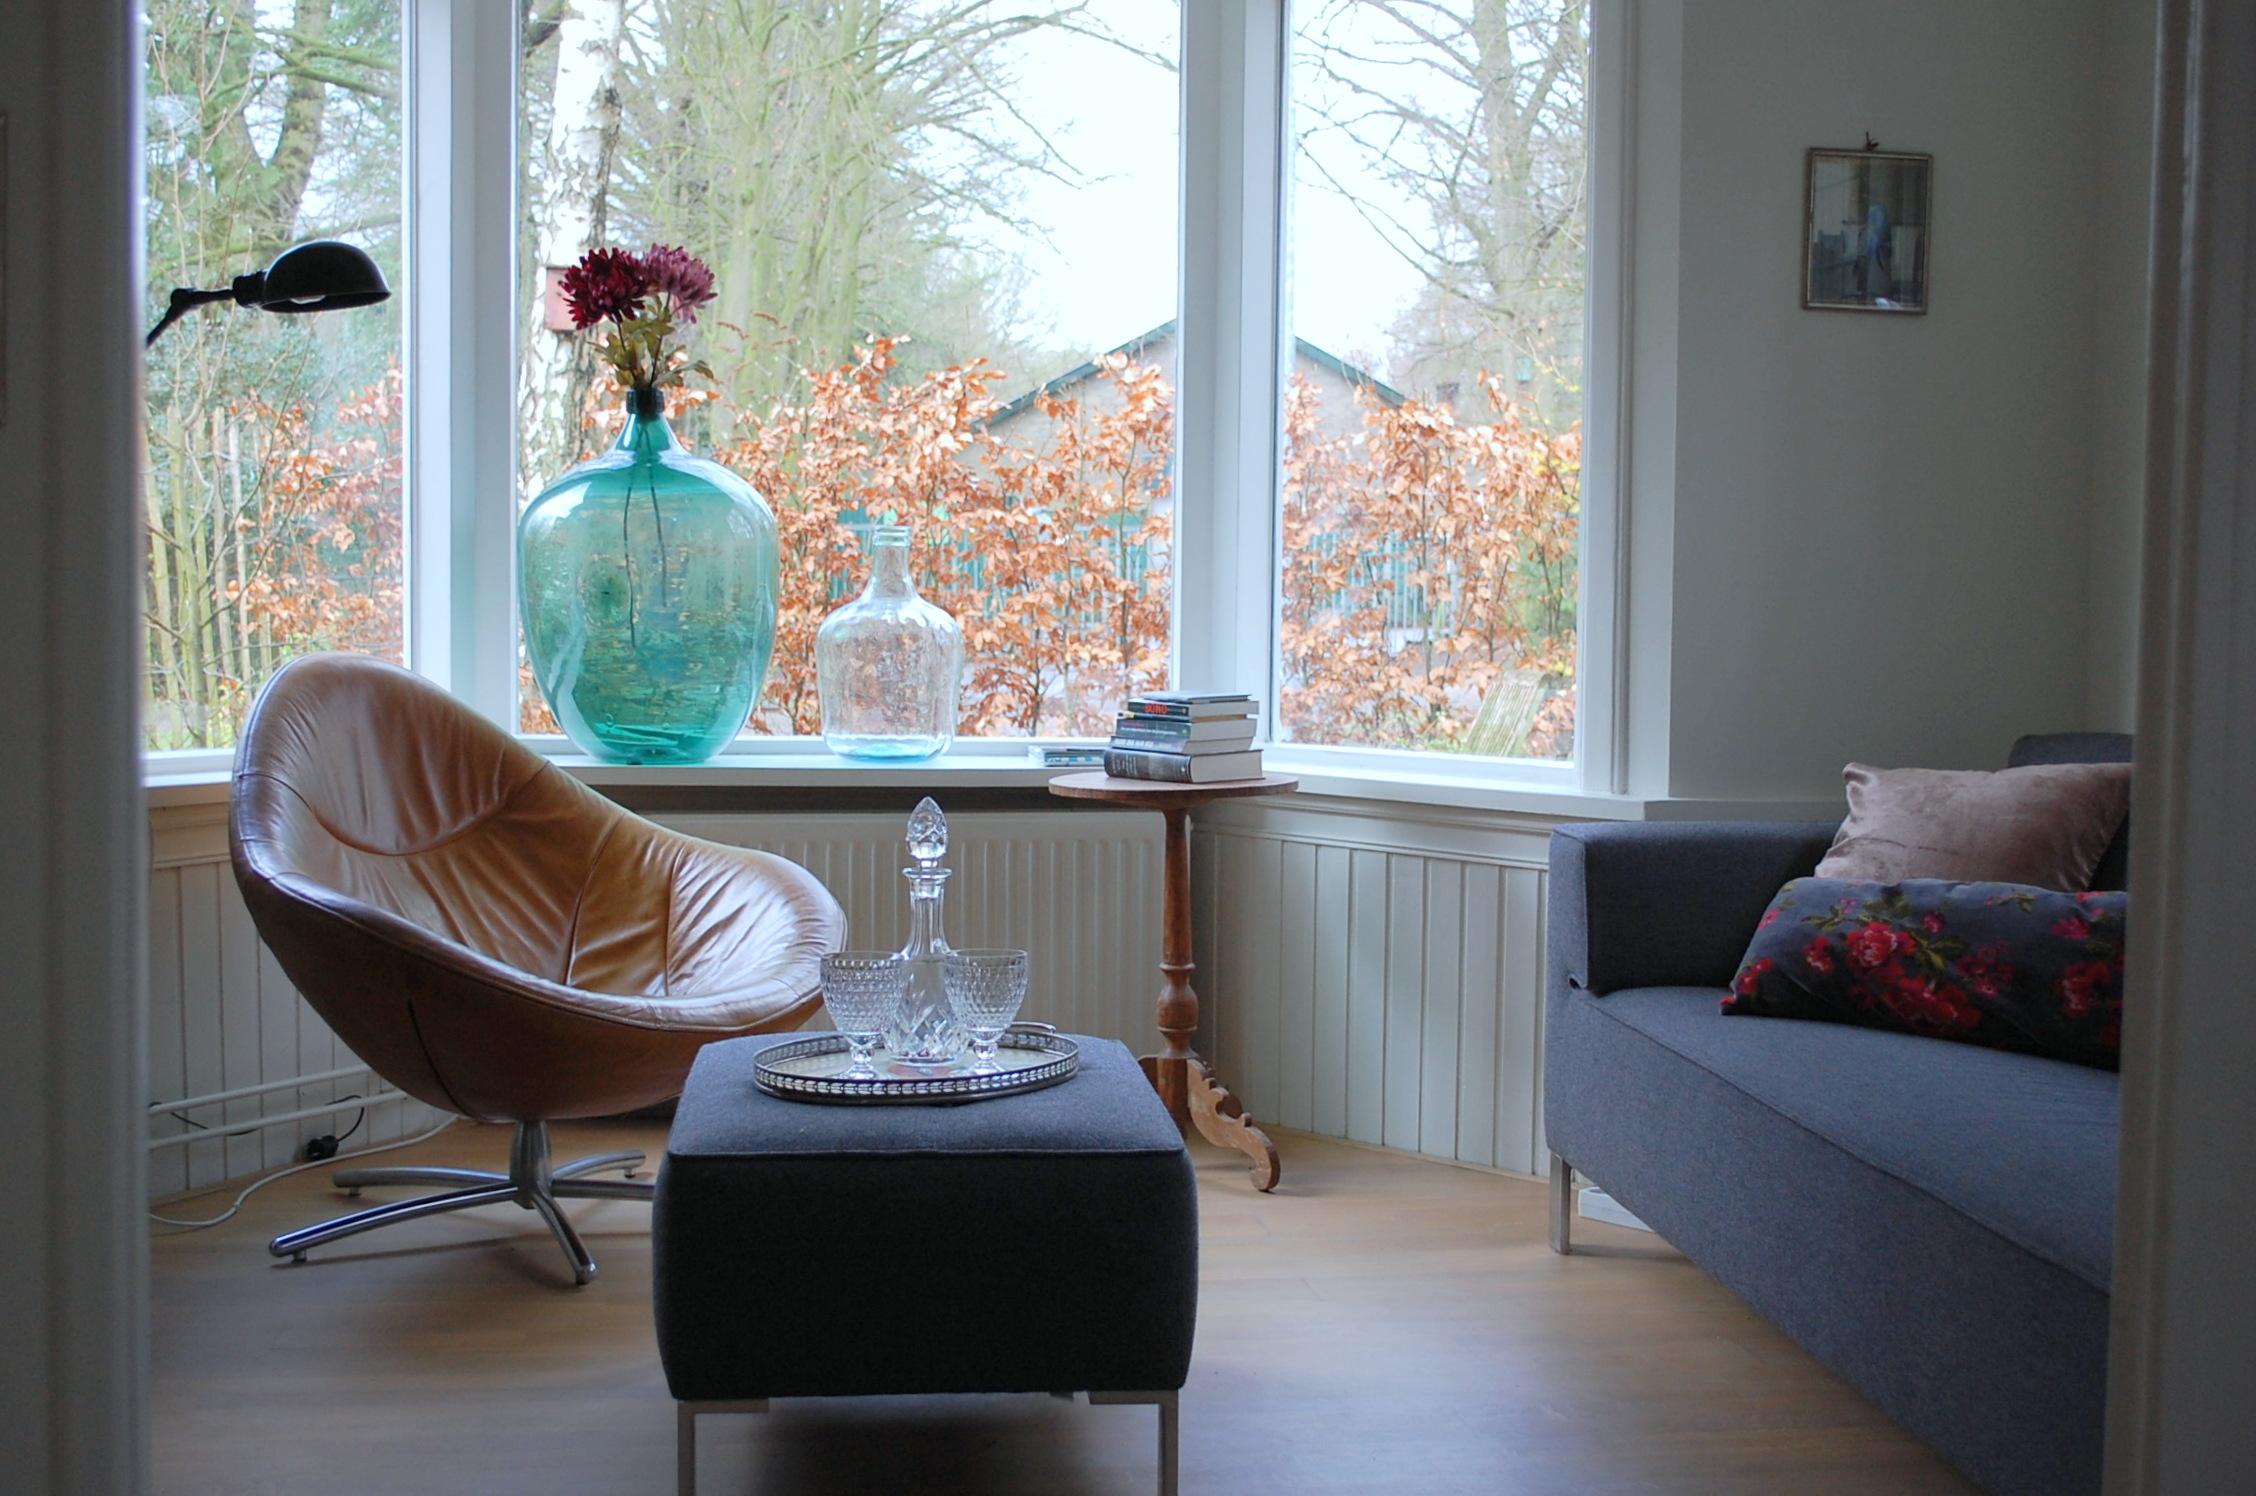 Inrichten Woonkamer Met Erker ~ Beste inspiratie voor interieur ...